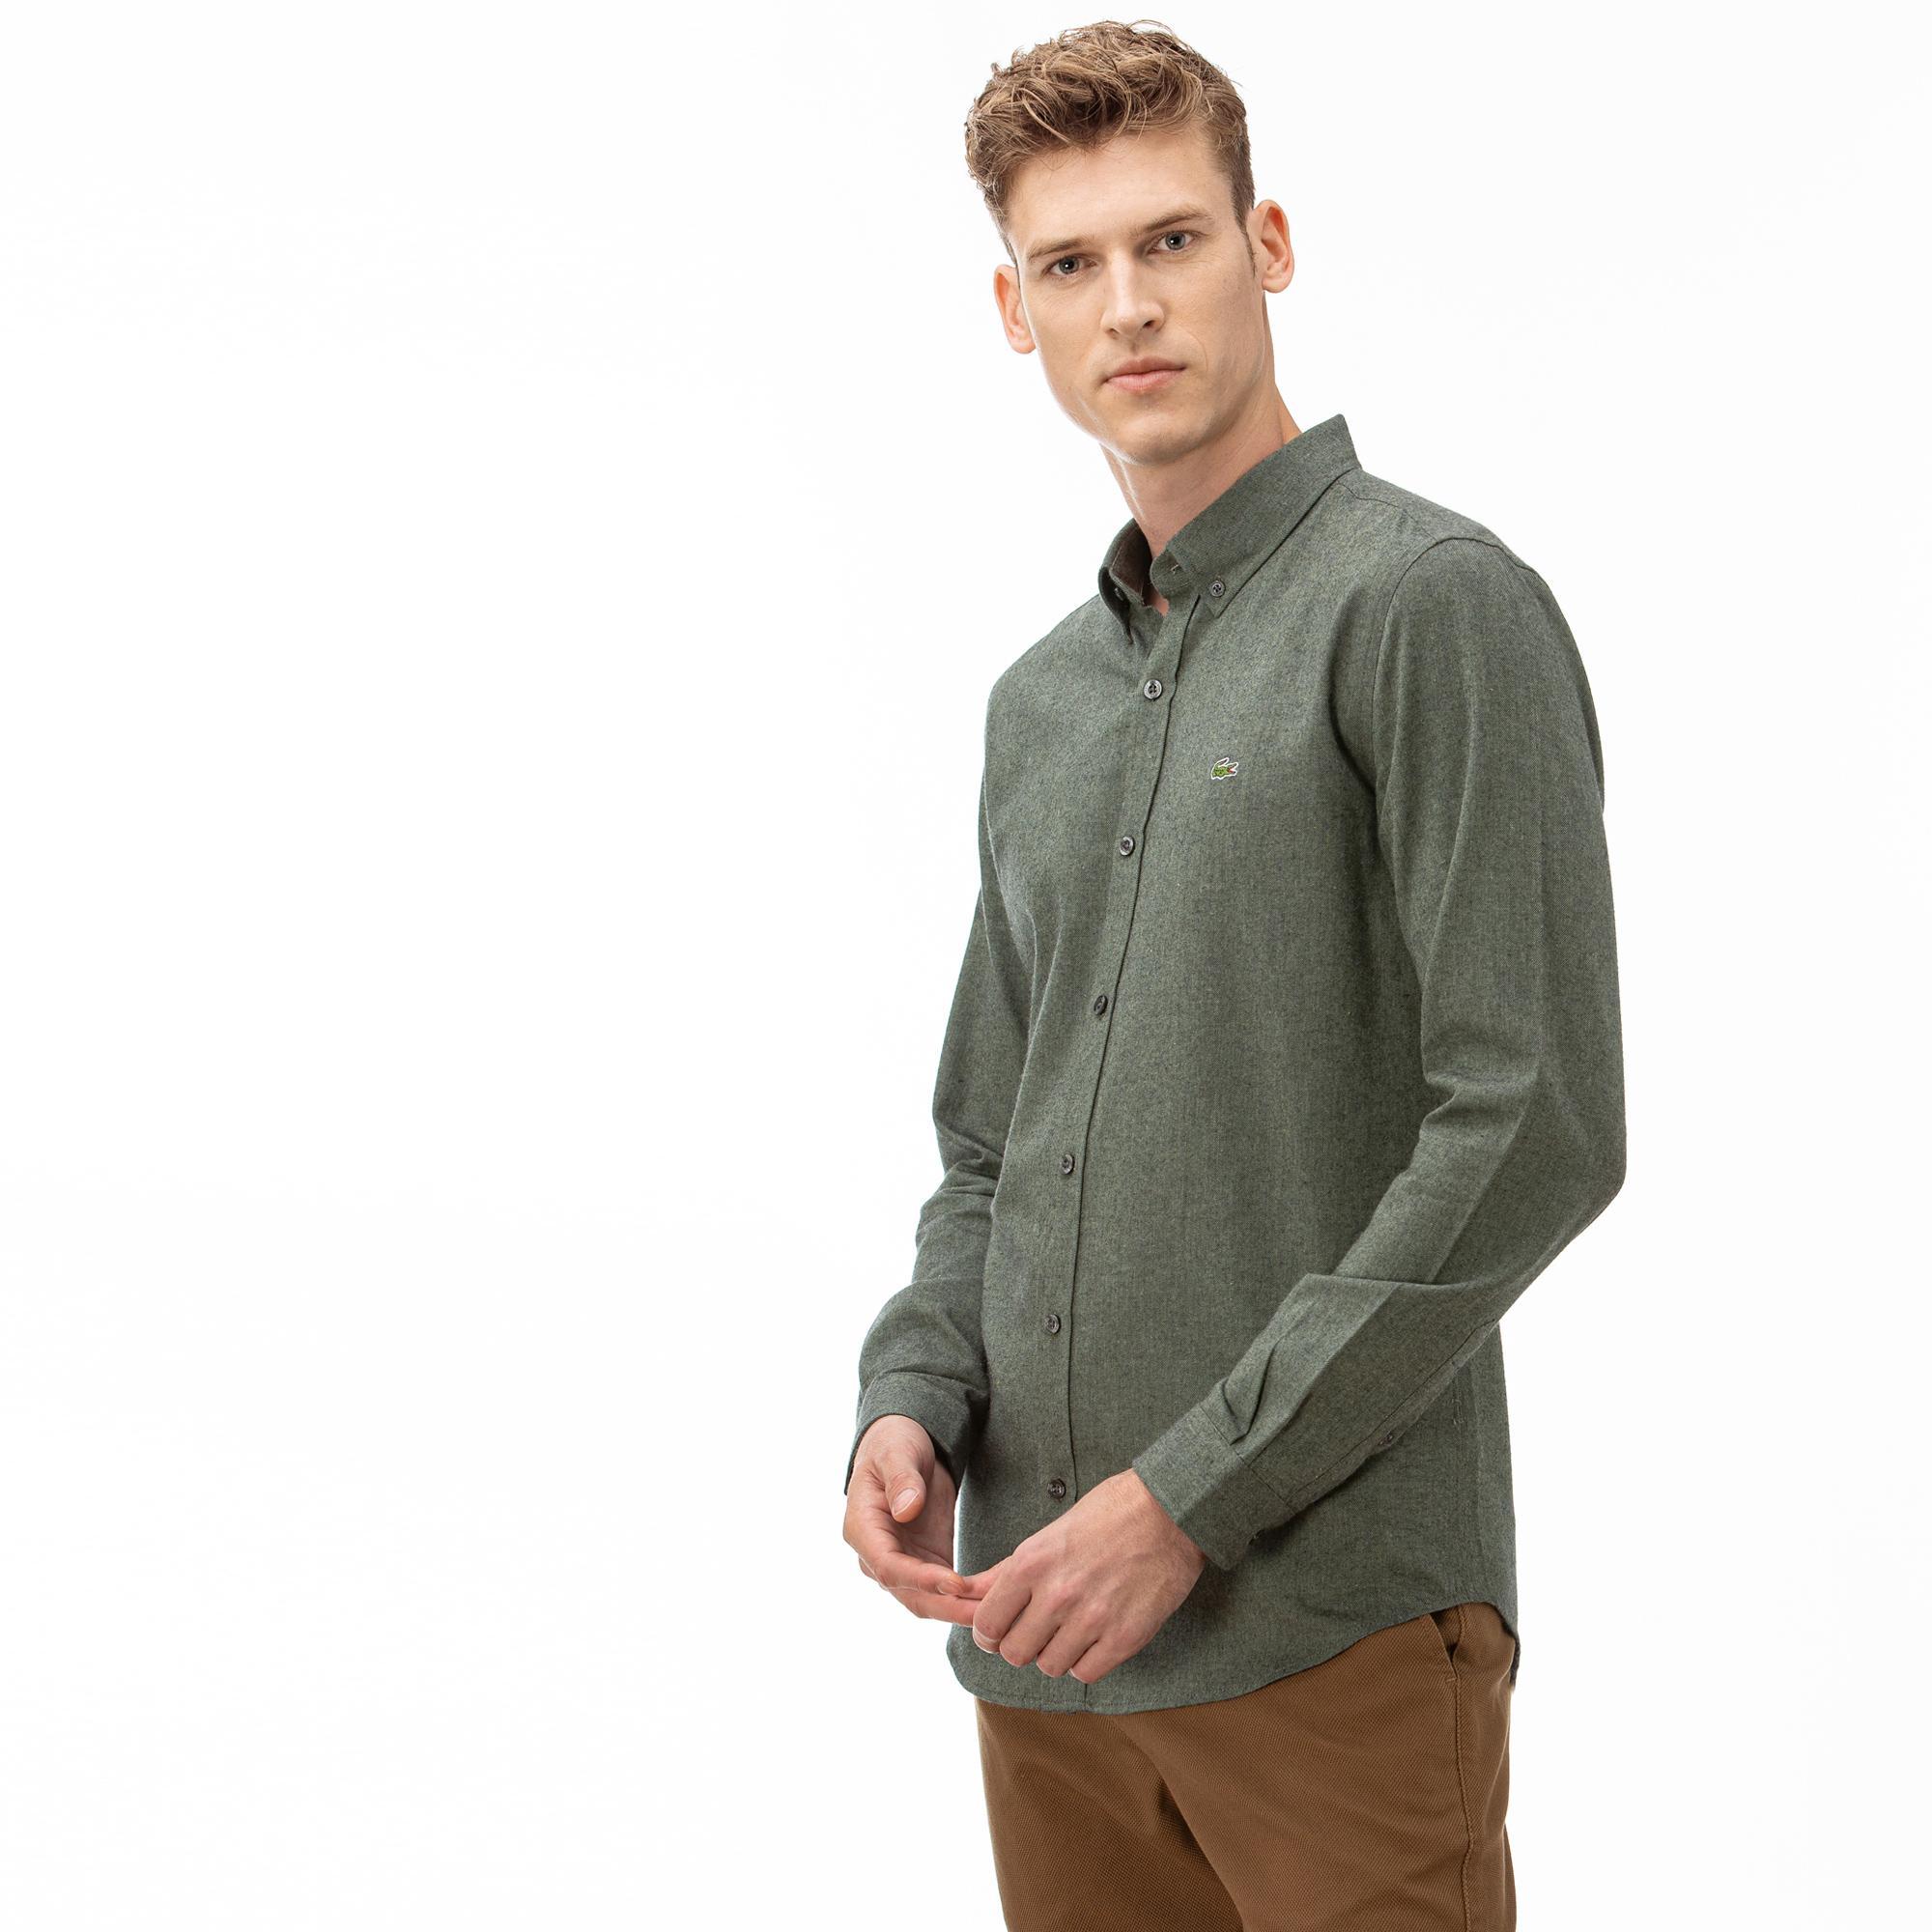 Lacoste Erkek Slim Fit Blok Desenli Yeşil Gömlek